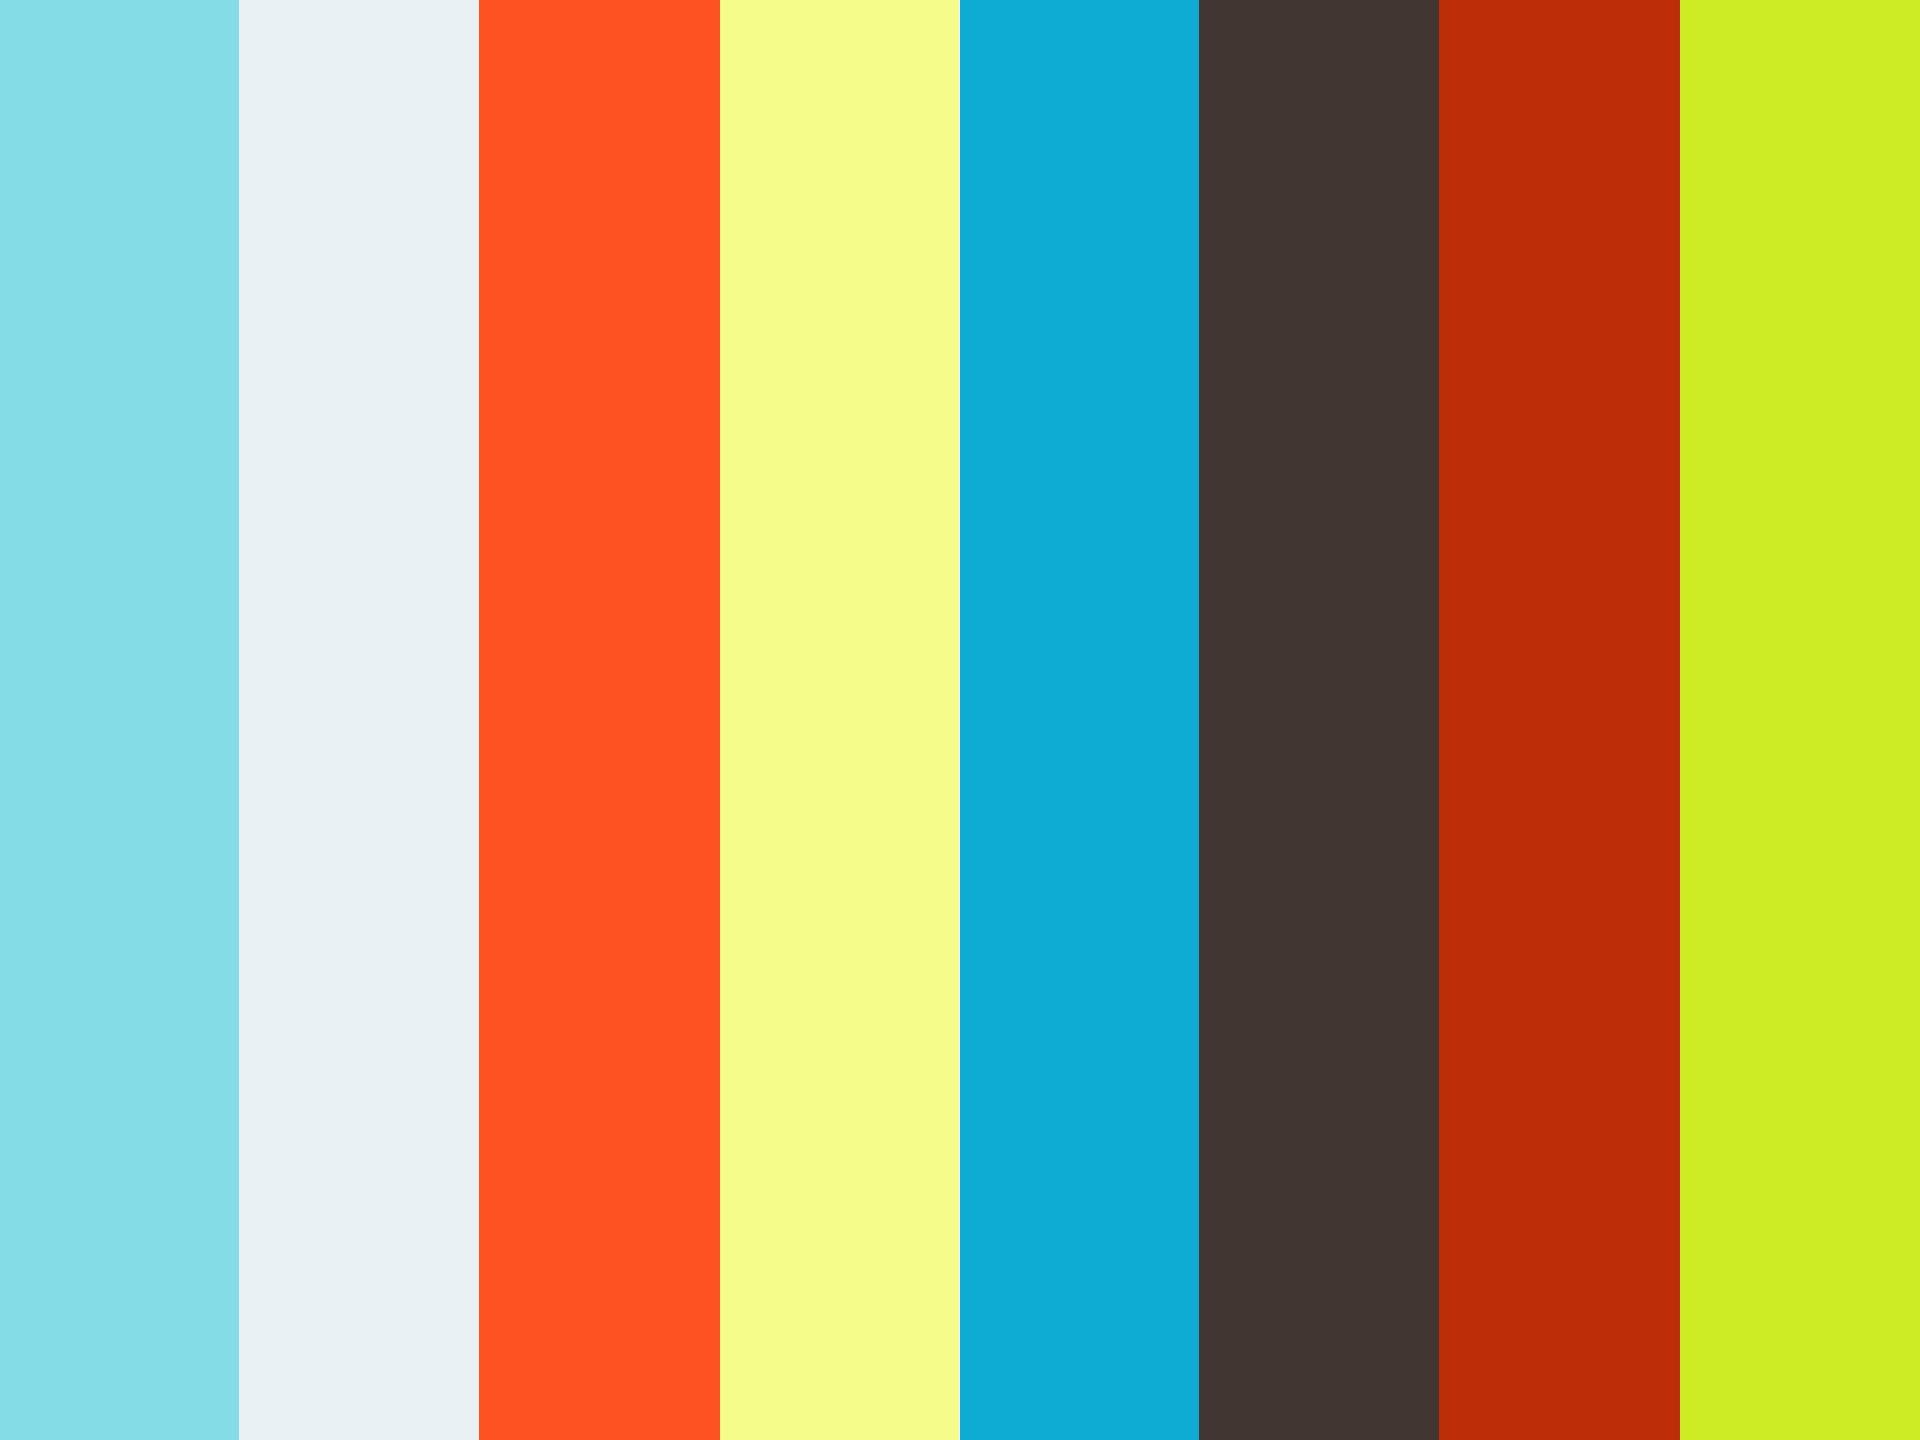 女神卡卡【美國恐怖故事第六季:羅阿諾克】第三集 精彩片段 on Vimeo